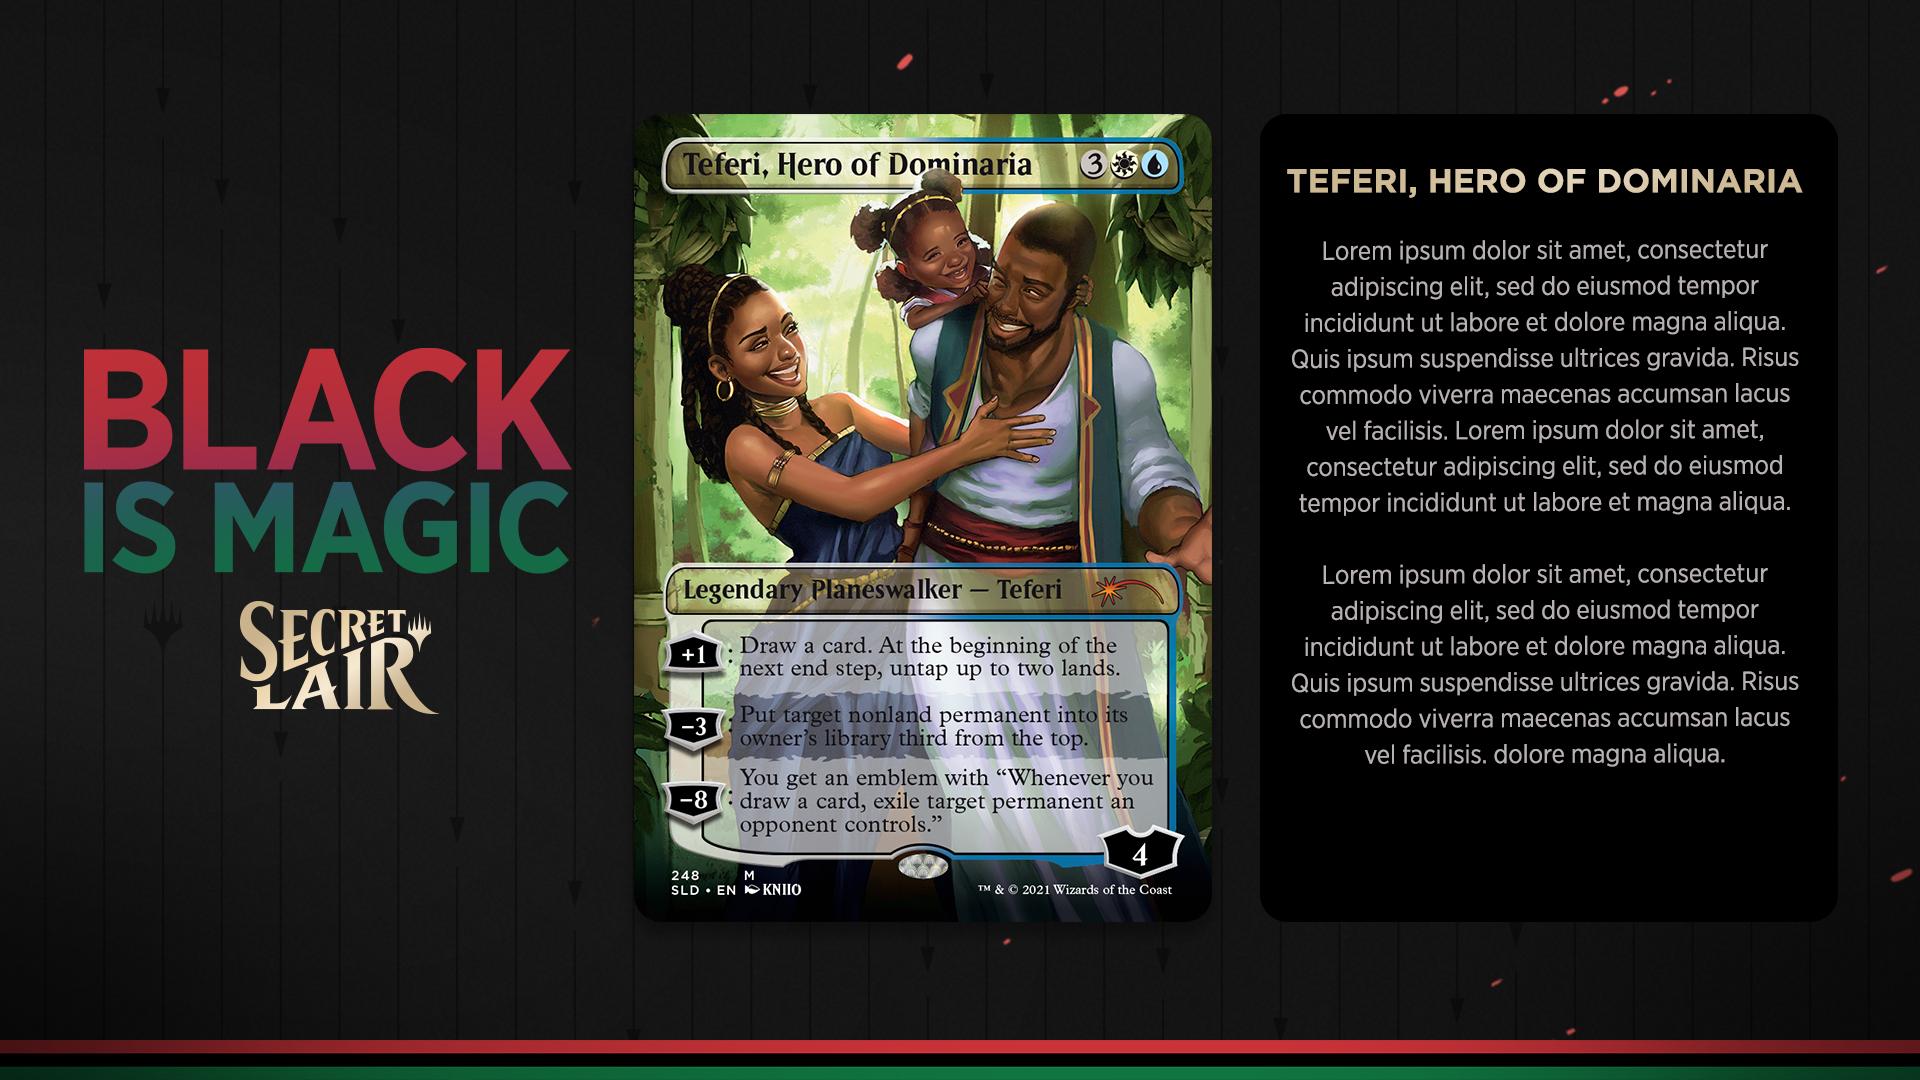 Capacity: Secret Lair Black Is Magic